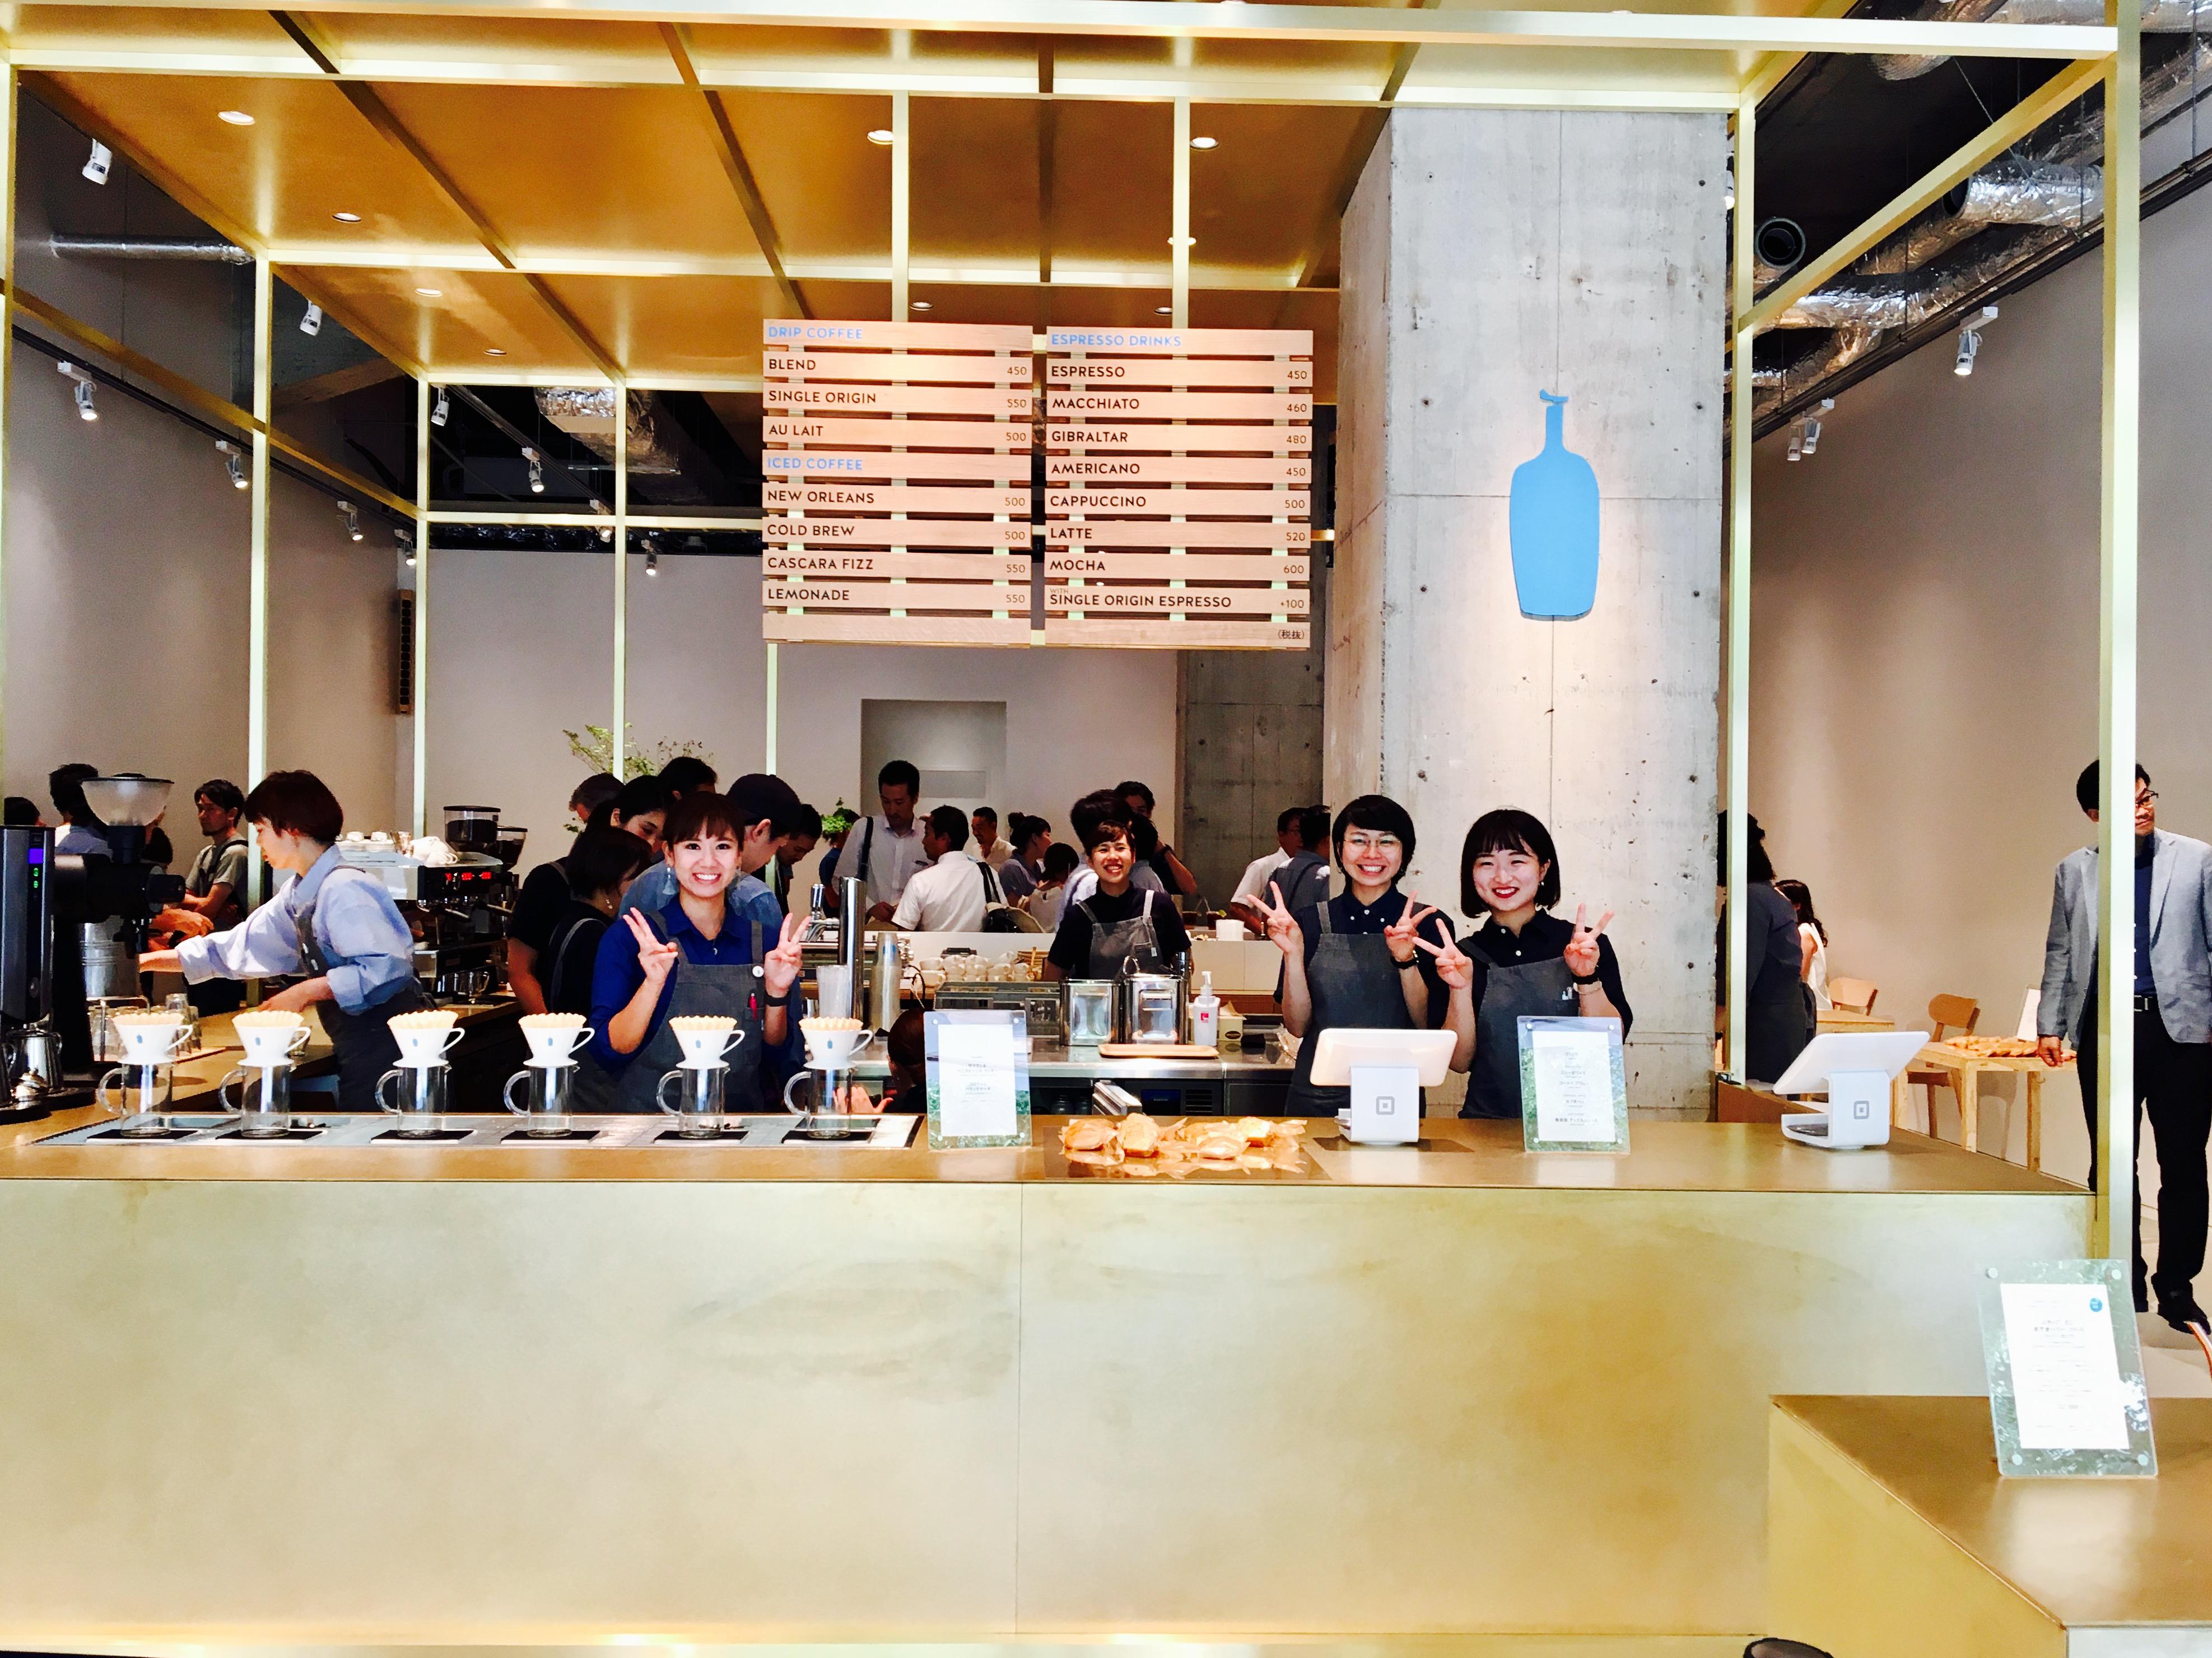 BlueBottleCoffee 神戸カフェのレセプションに行ってきました